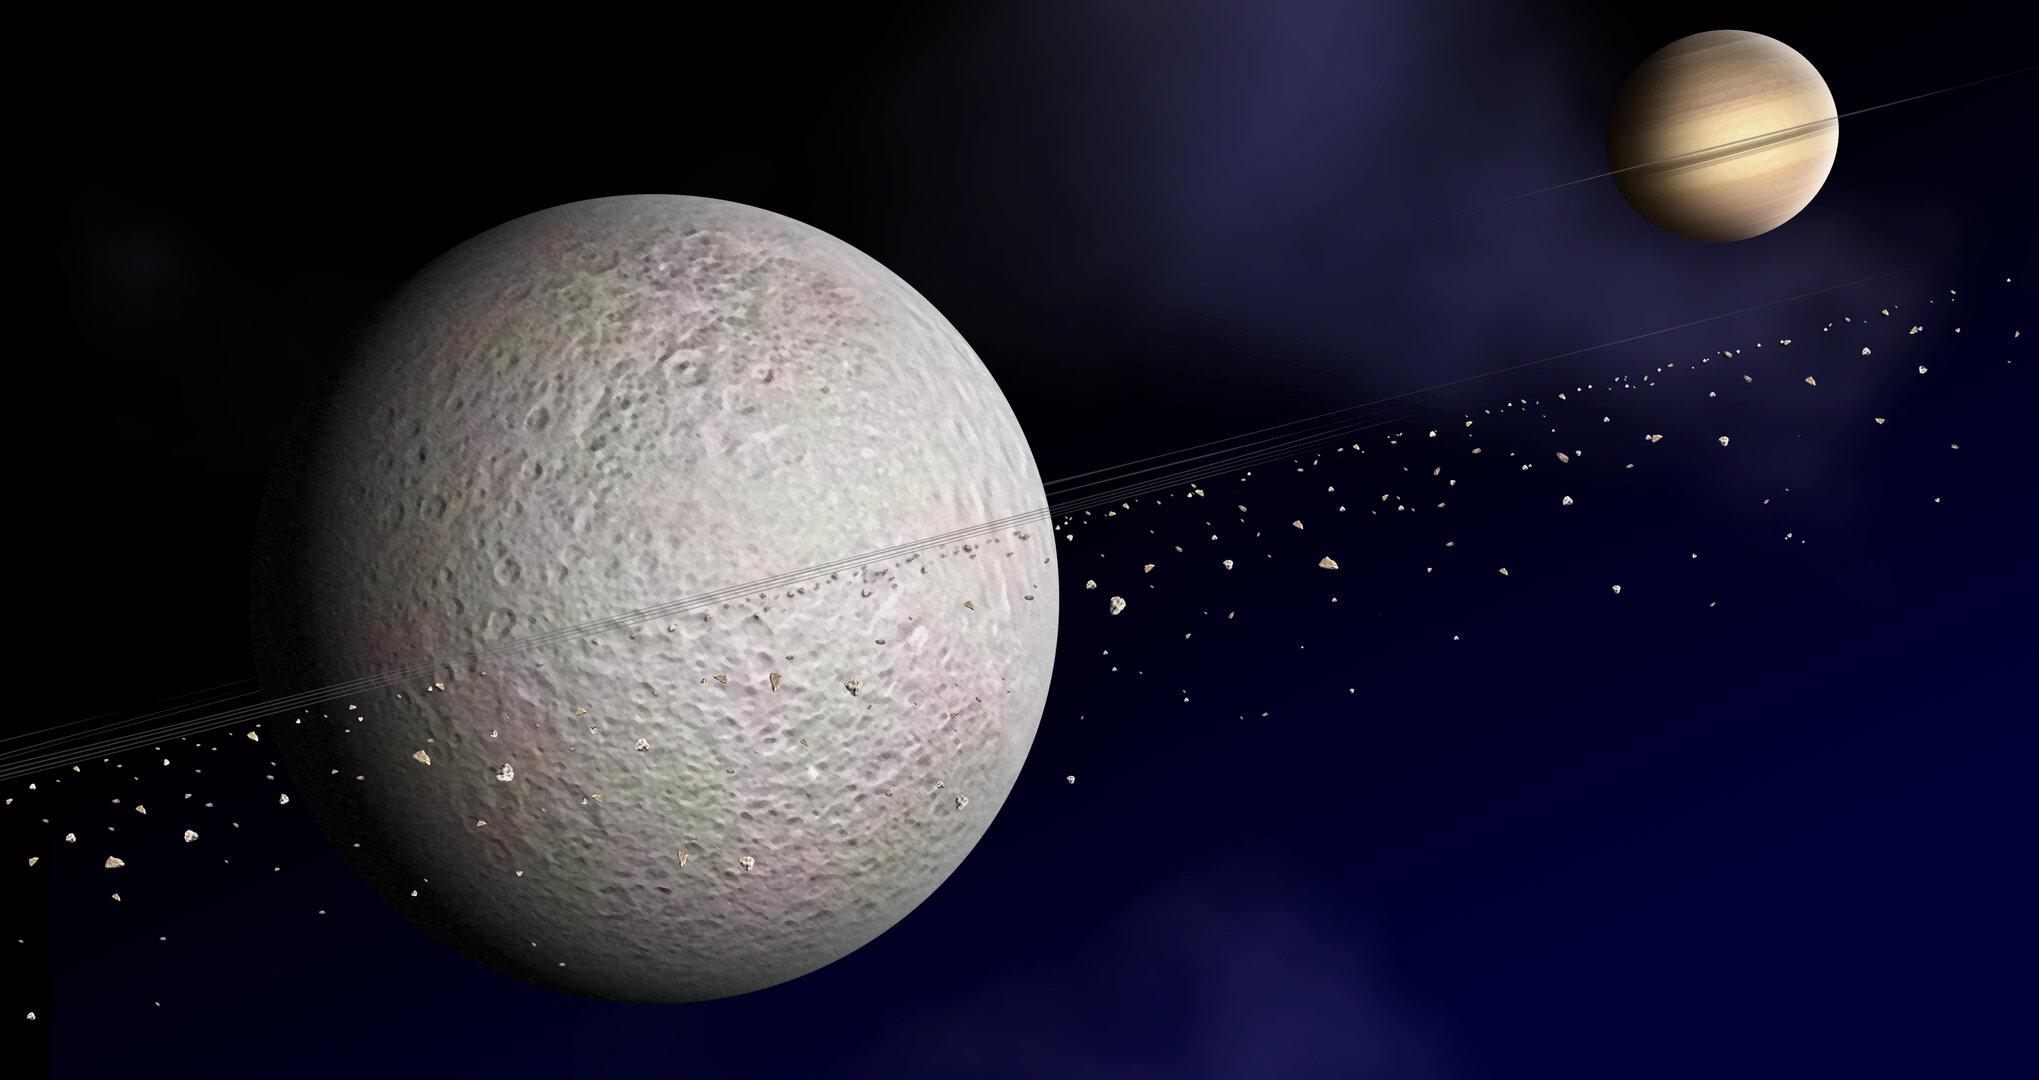 Satürn'ün Uydusu Rhea'nın Yüzeyindeki Tanımlanamayan Maddenin Gizemi Çözüldü.